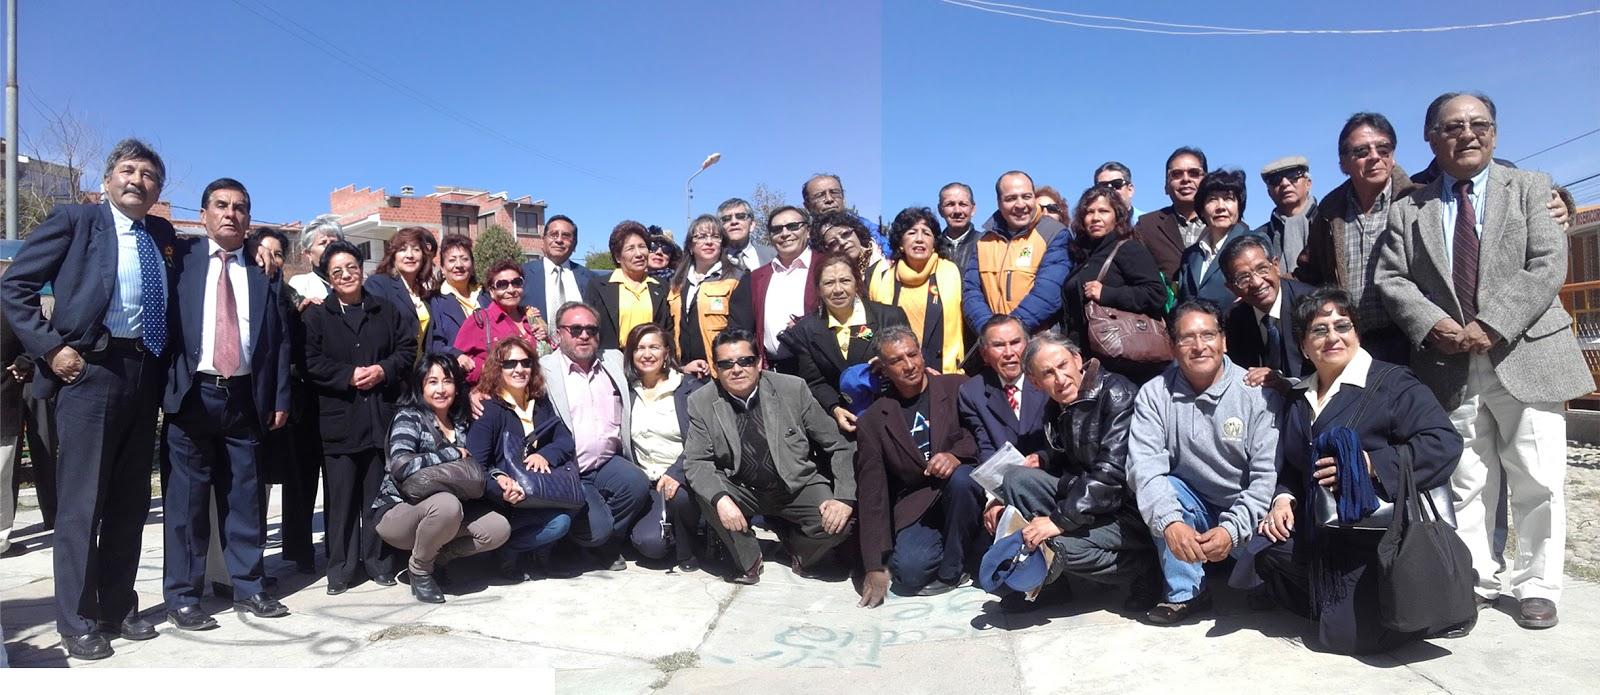 Parte de la directiva y socios de uno de los clubes más antiguos de El Alto